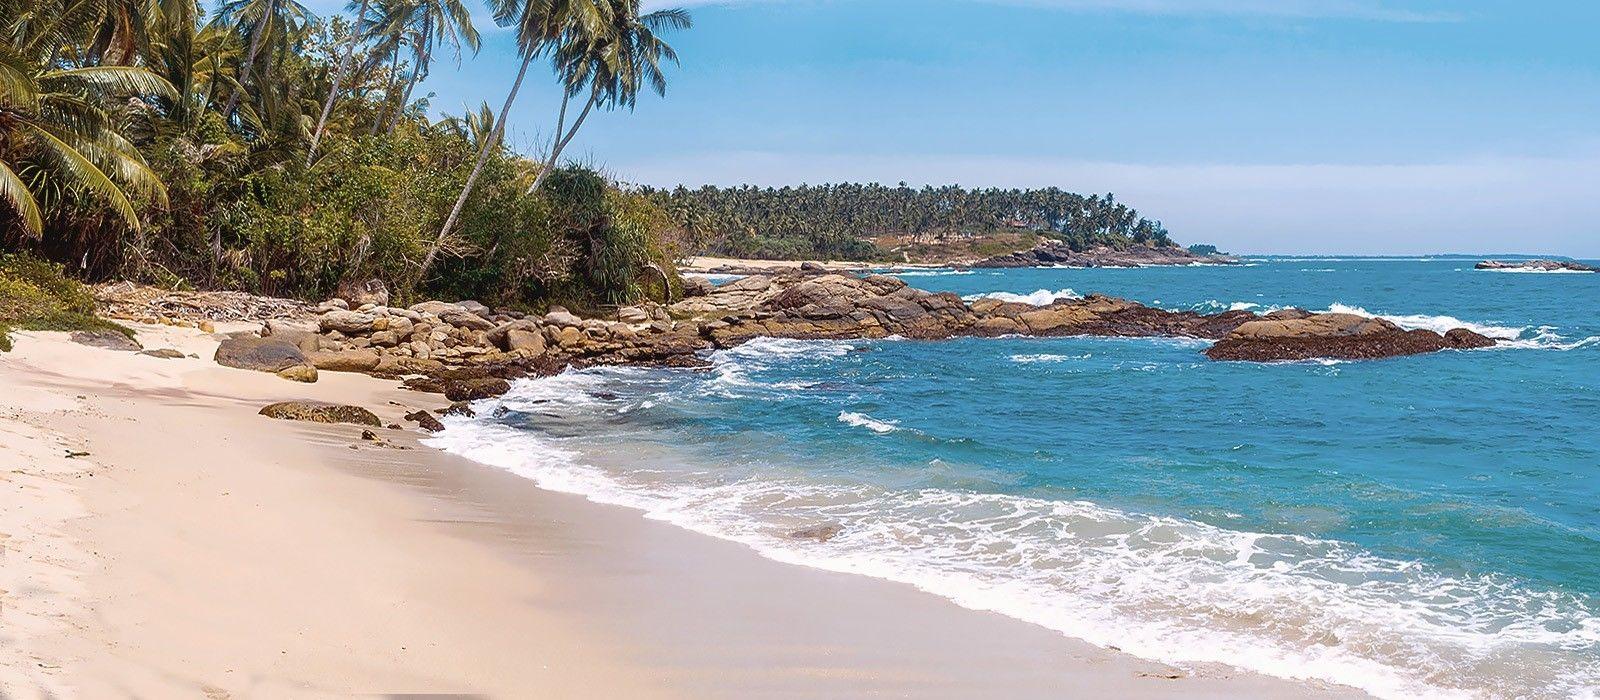 Sri Lanka Last Minute Angebot: Kultur, Natur und Strände Urlaub 6